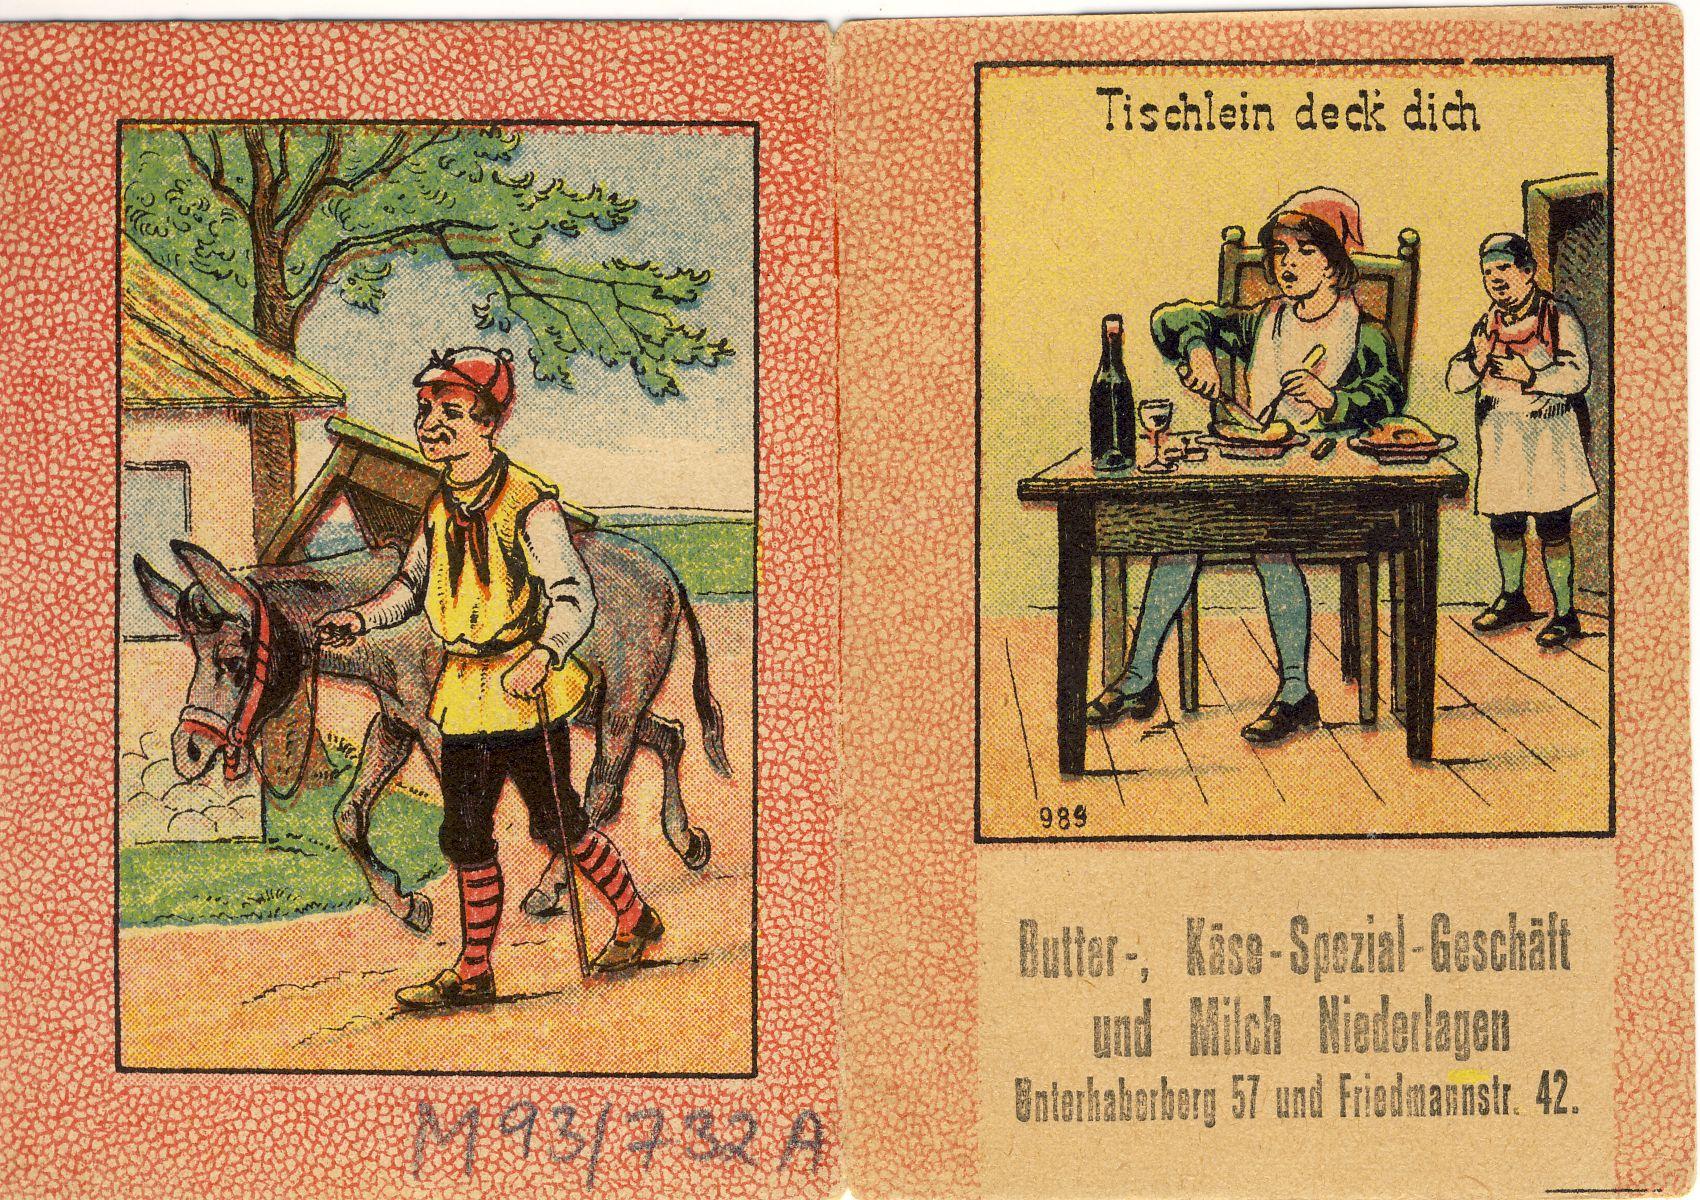 tischlein deck dich märchen englisch